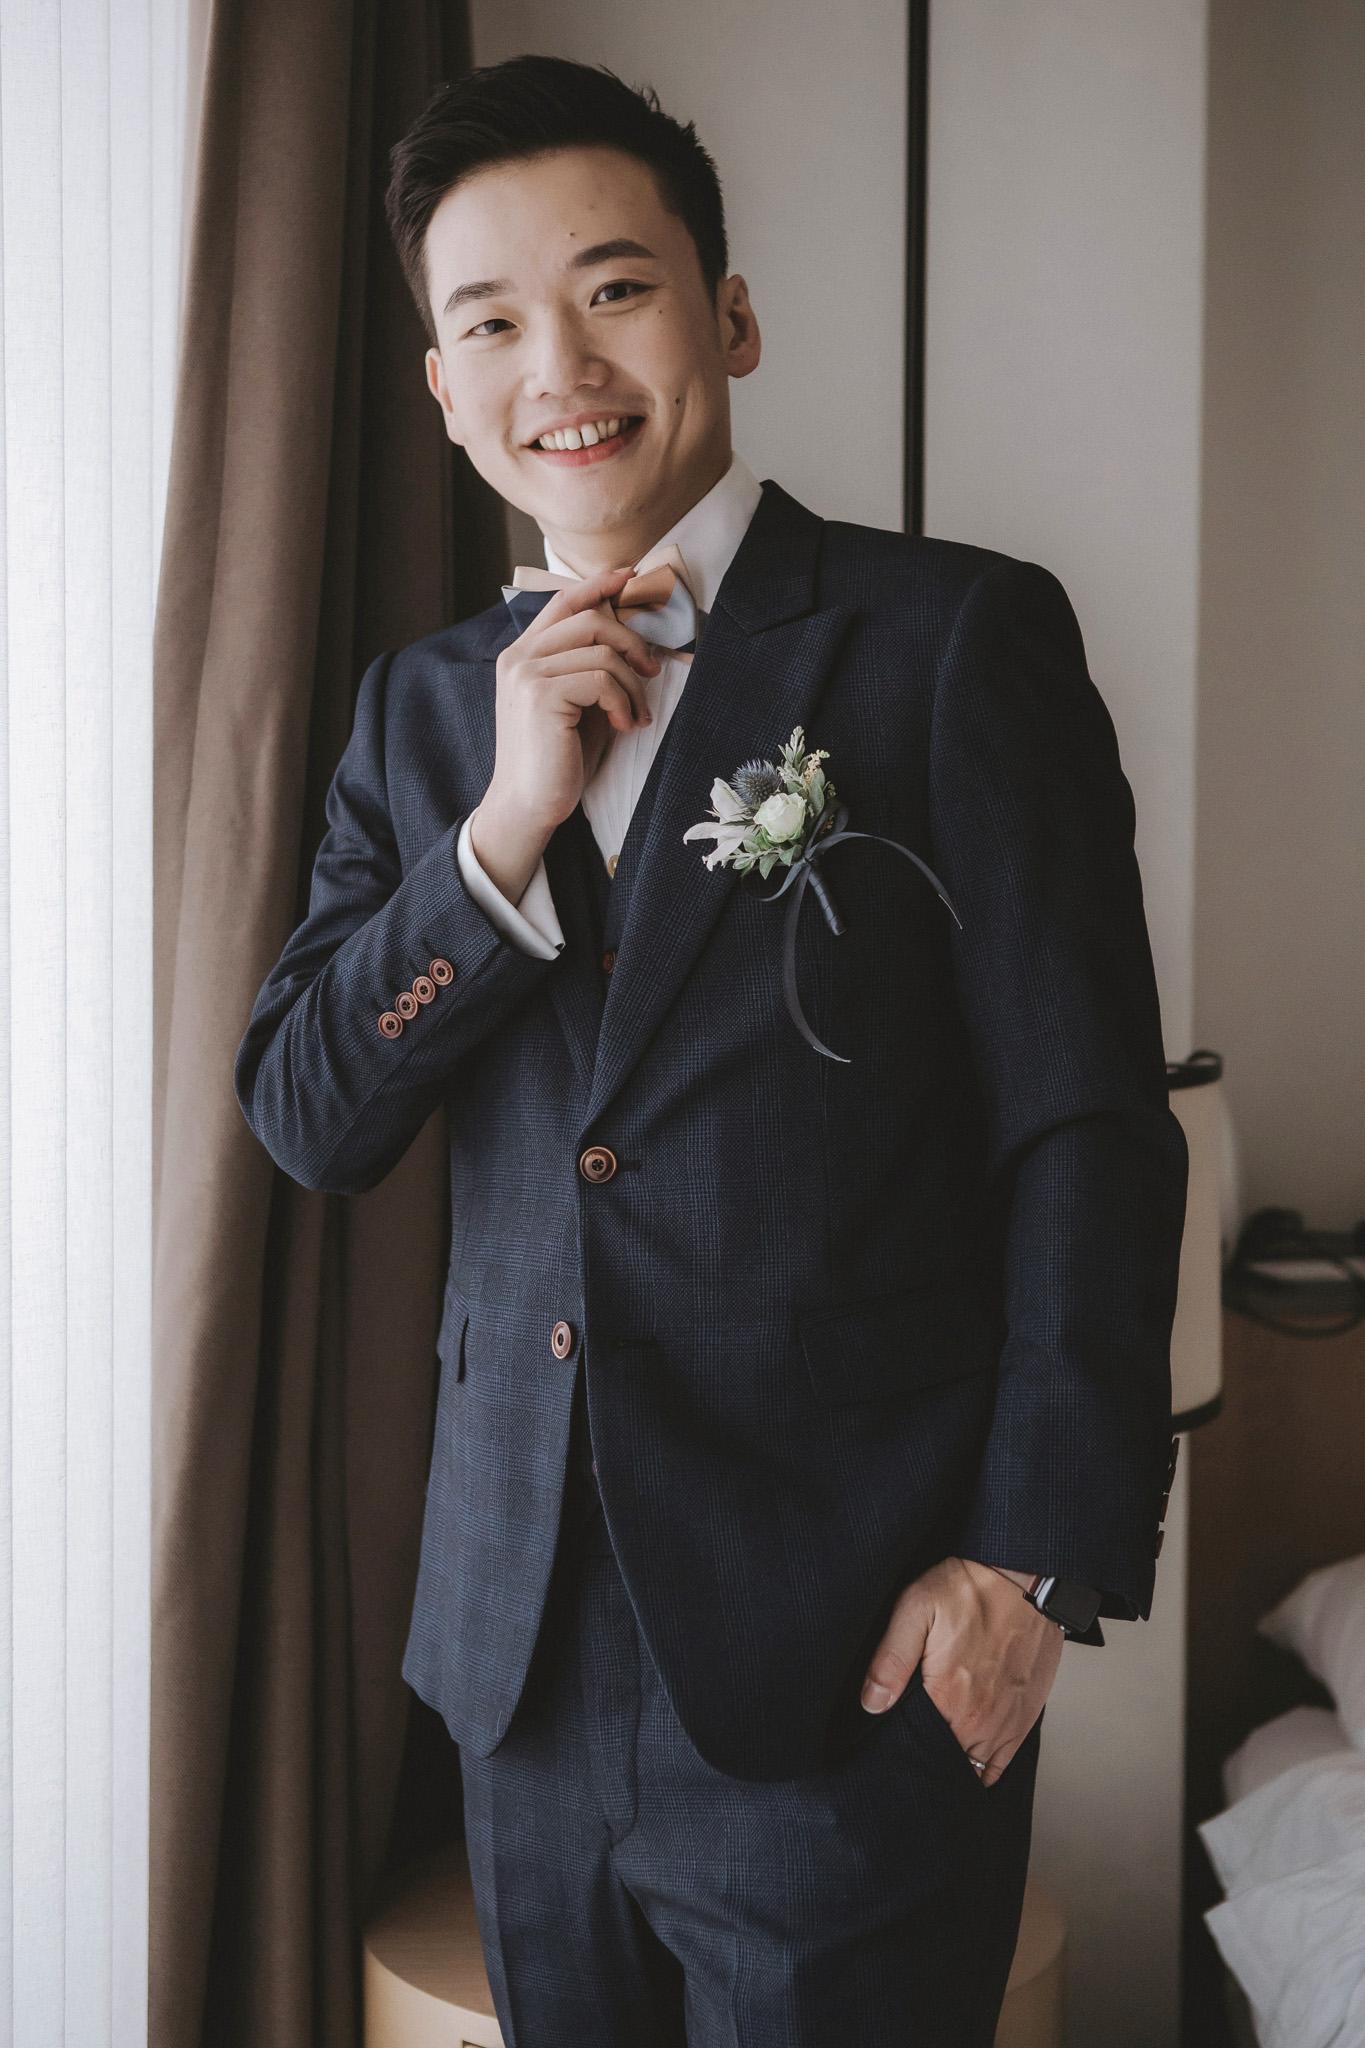 EW 居米 台北婚宴 台北婚紗 台北婚攝 國泰萬怡 台北婚禮 -8